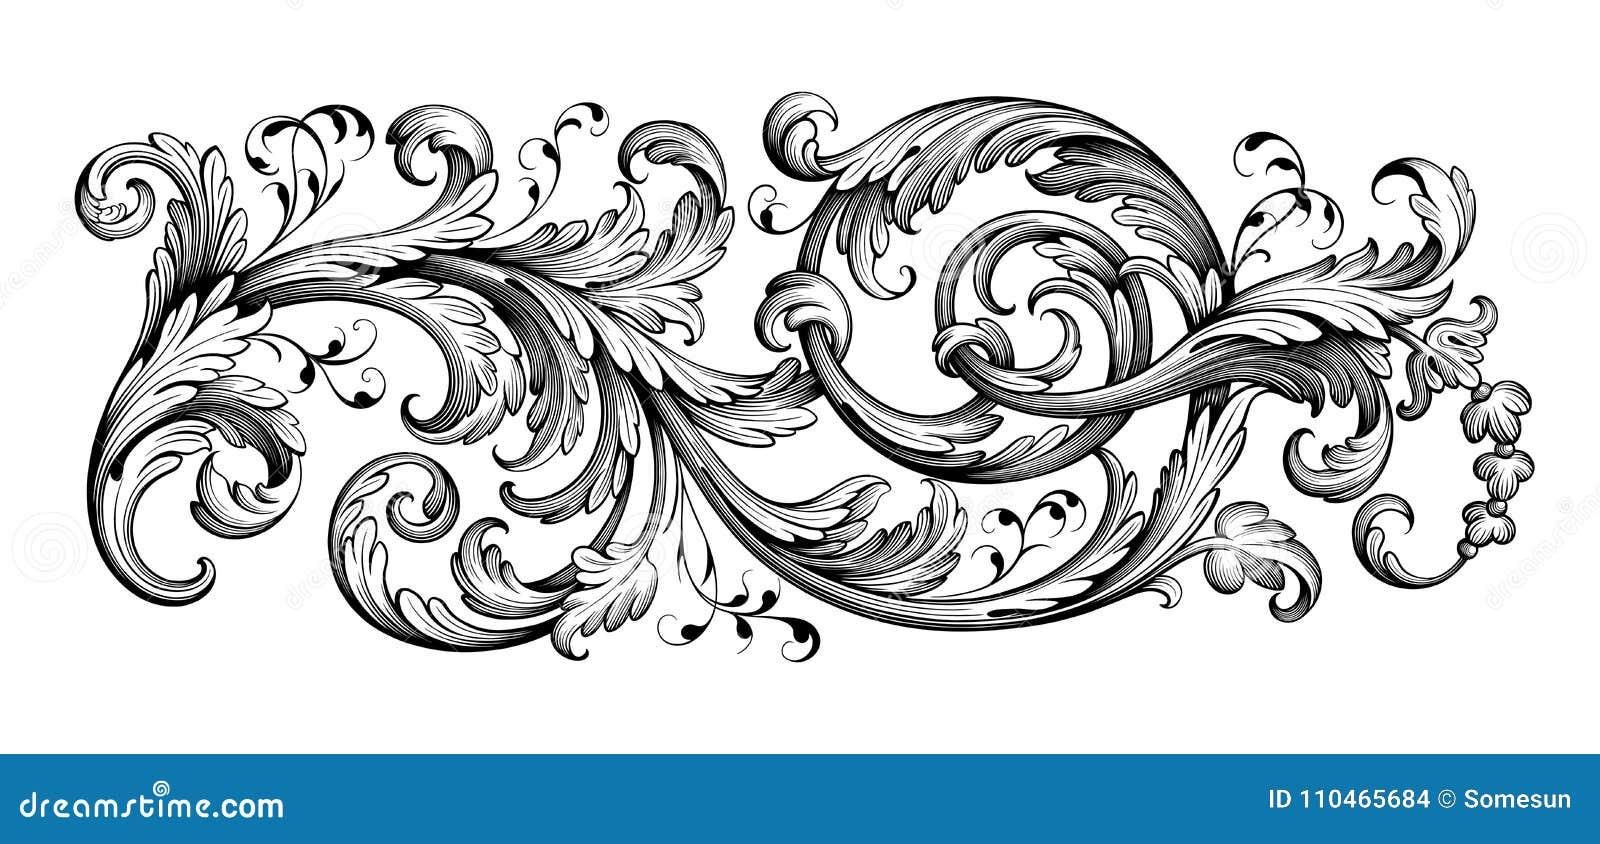 Винтажным барочным викторианским татуировки картины флористического орнамента границы рамки выгравированный переченем вектор ретр